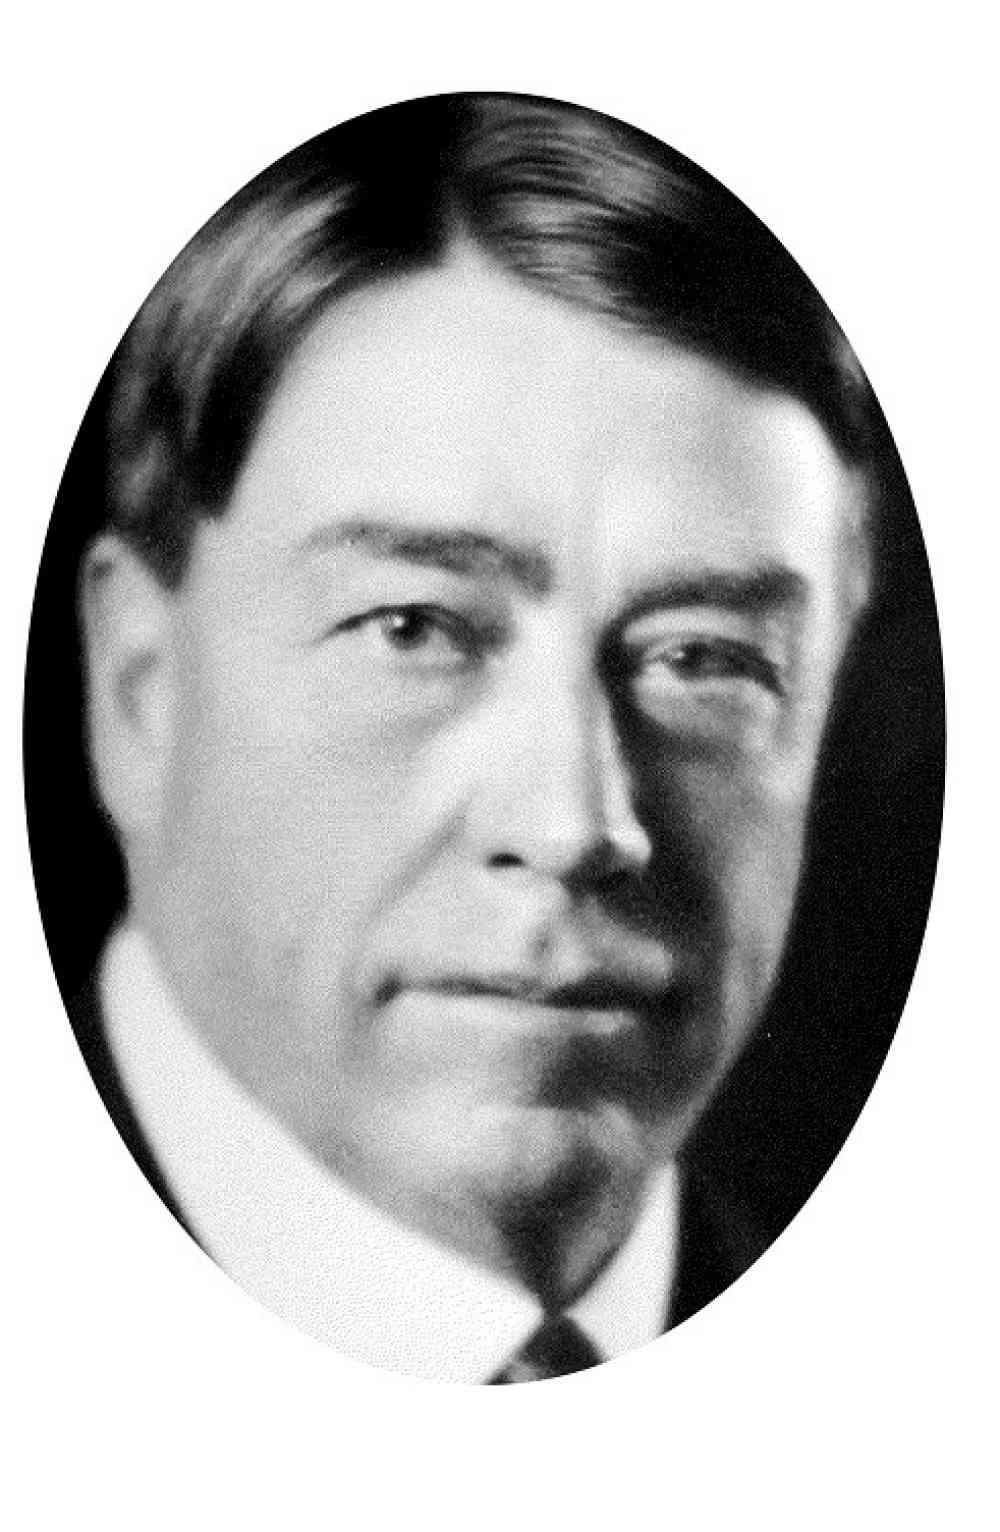 John King Mc Lanahan Jr